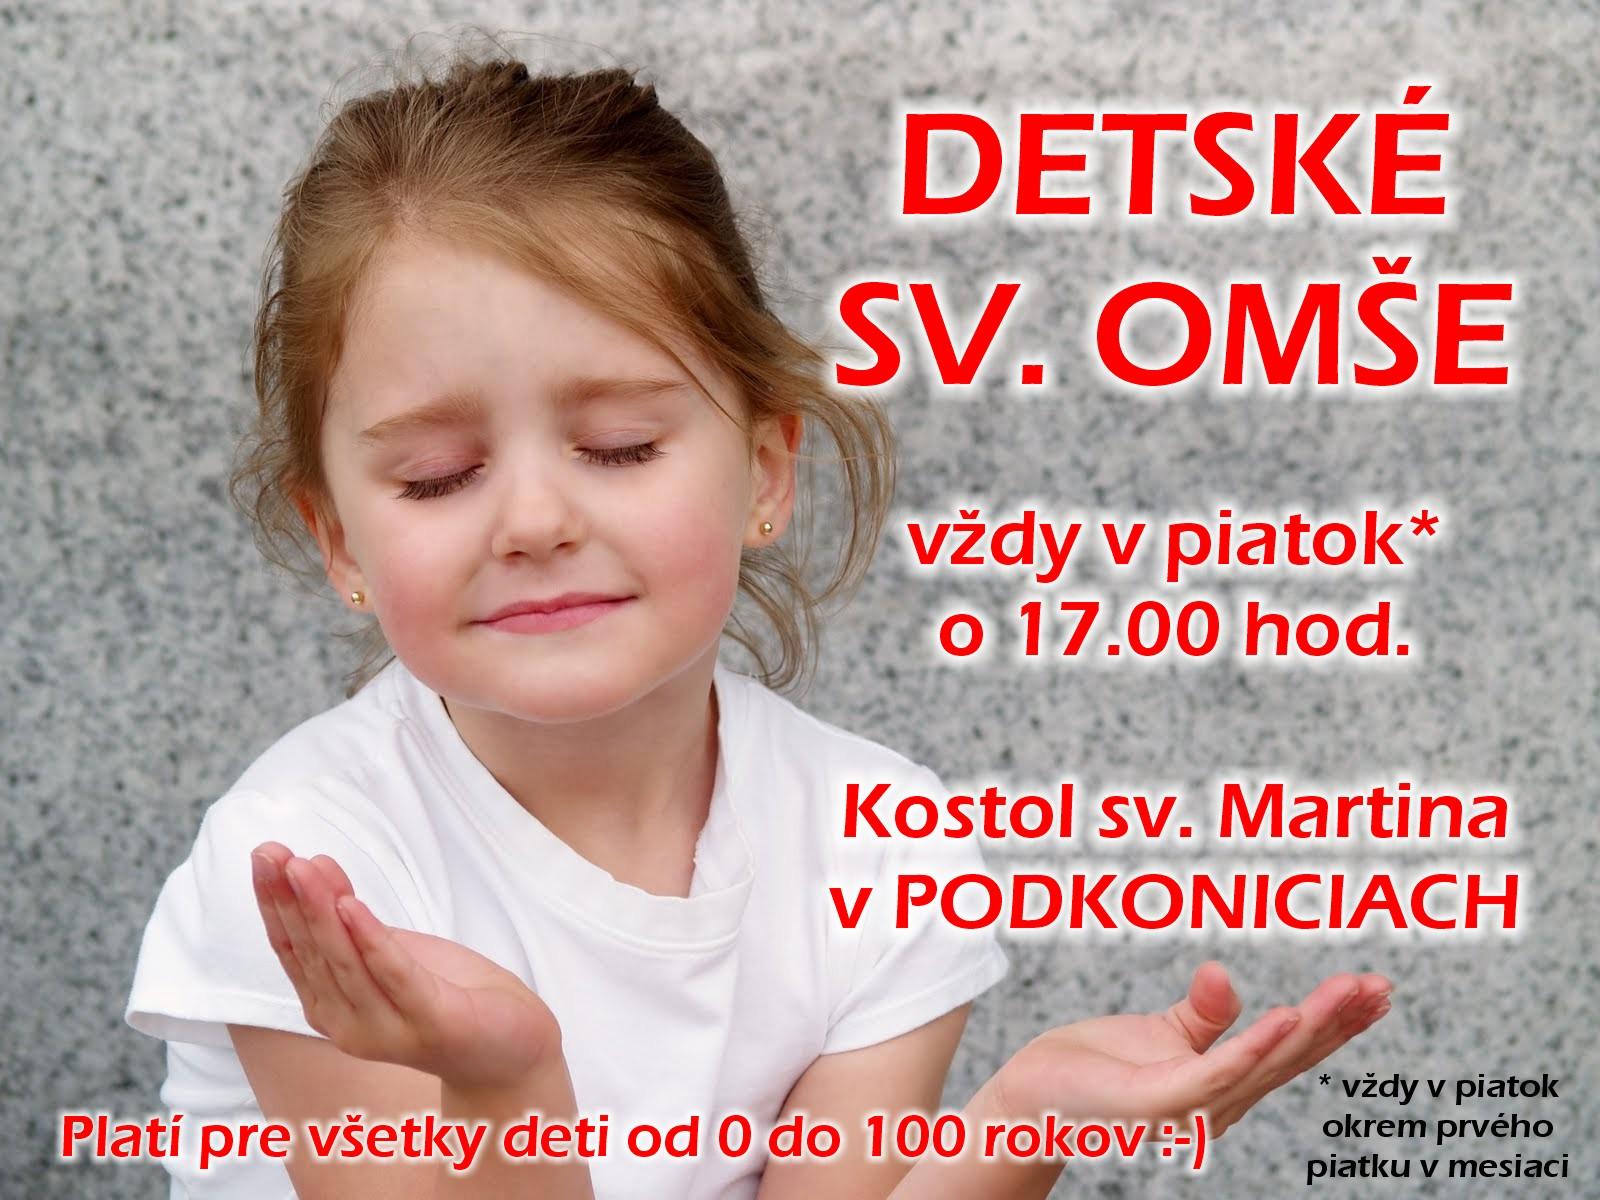 detske_omse